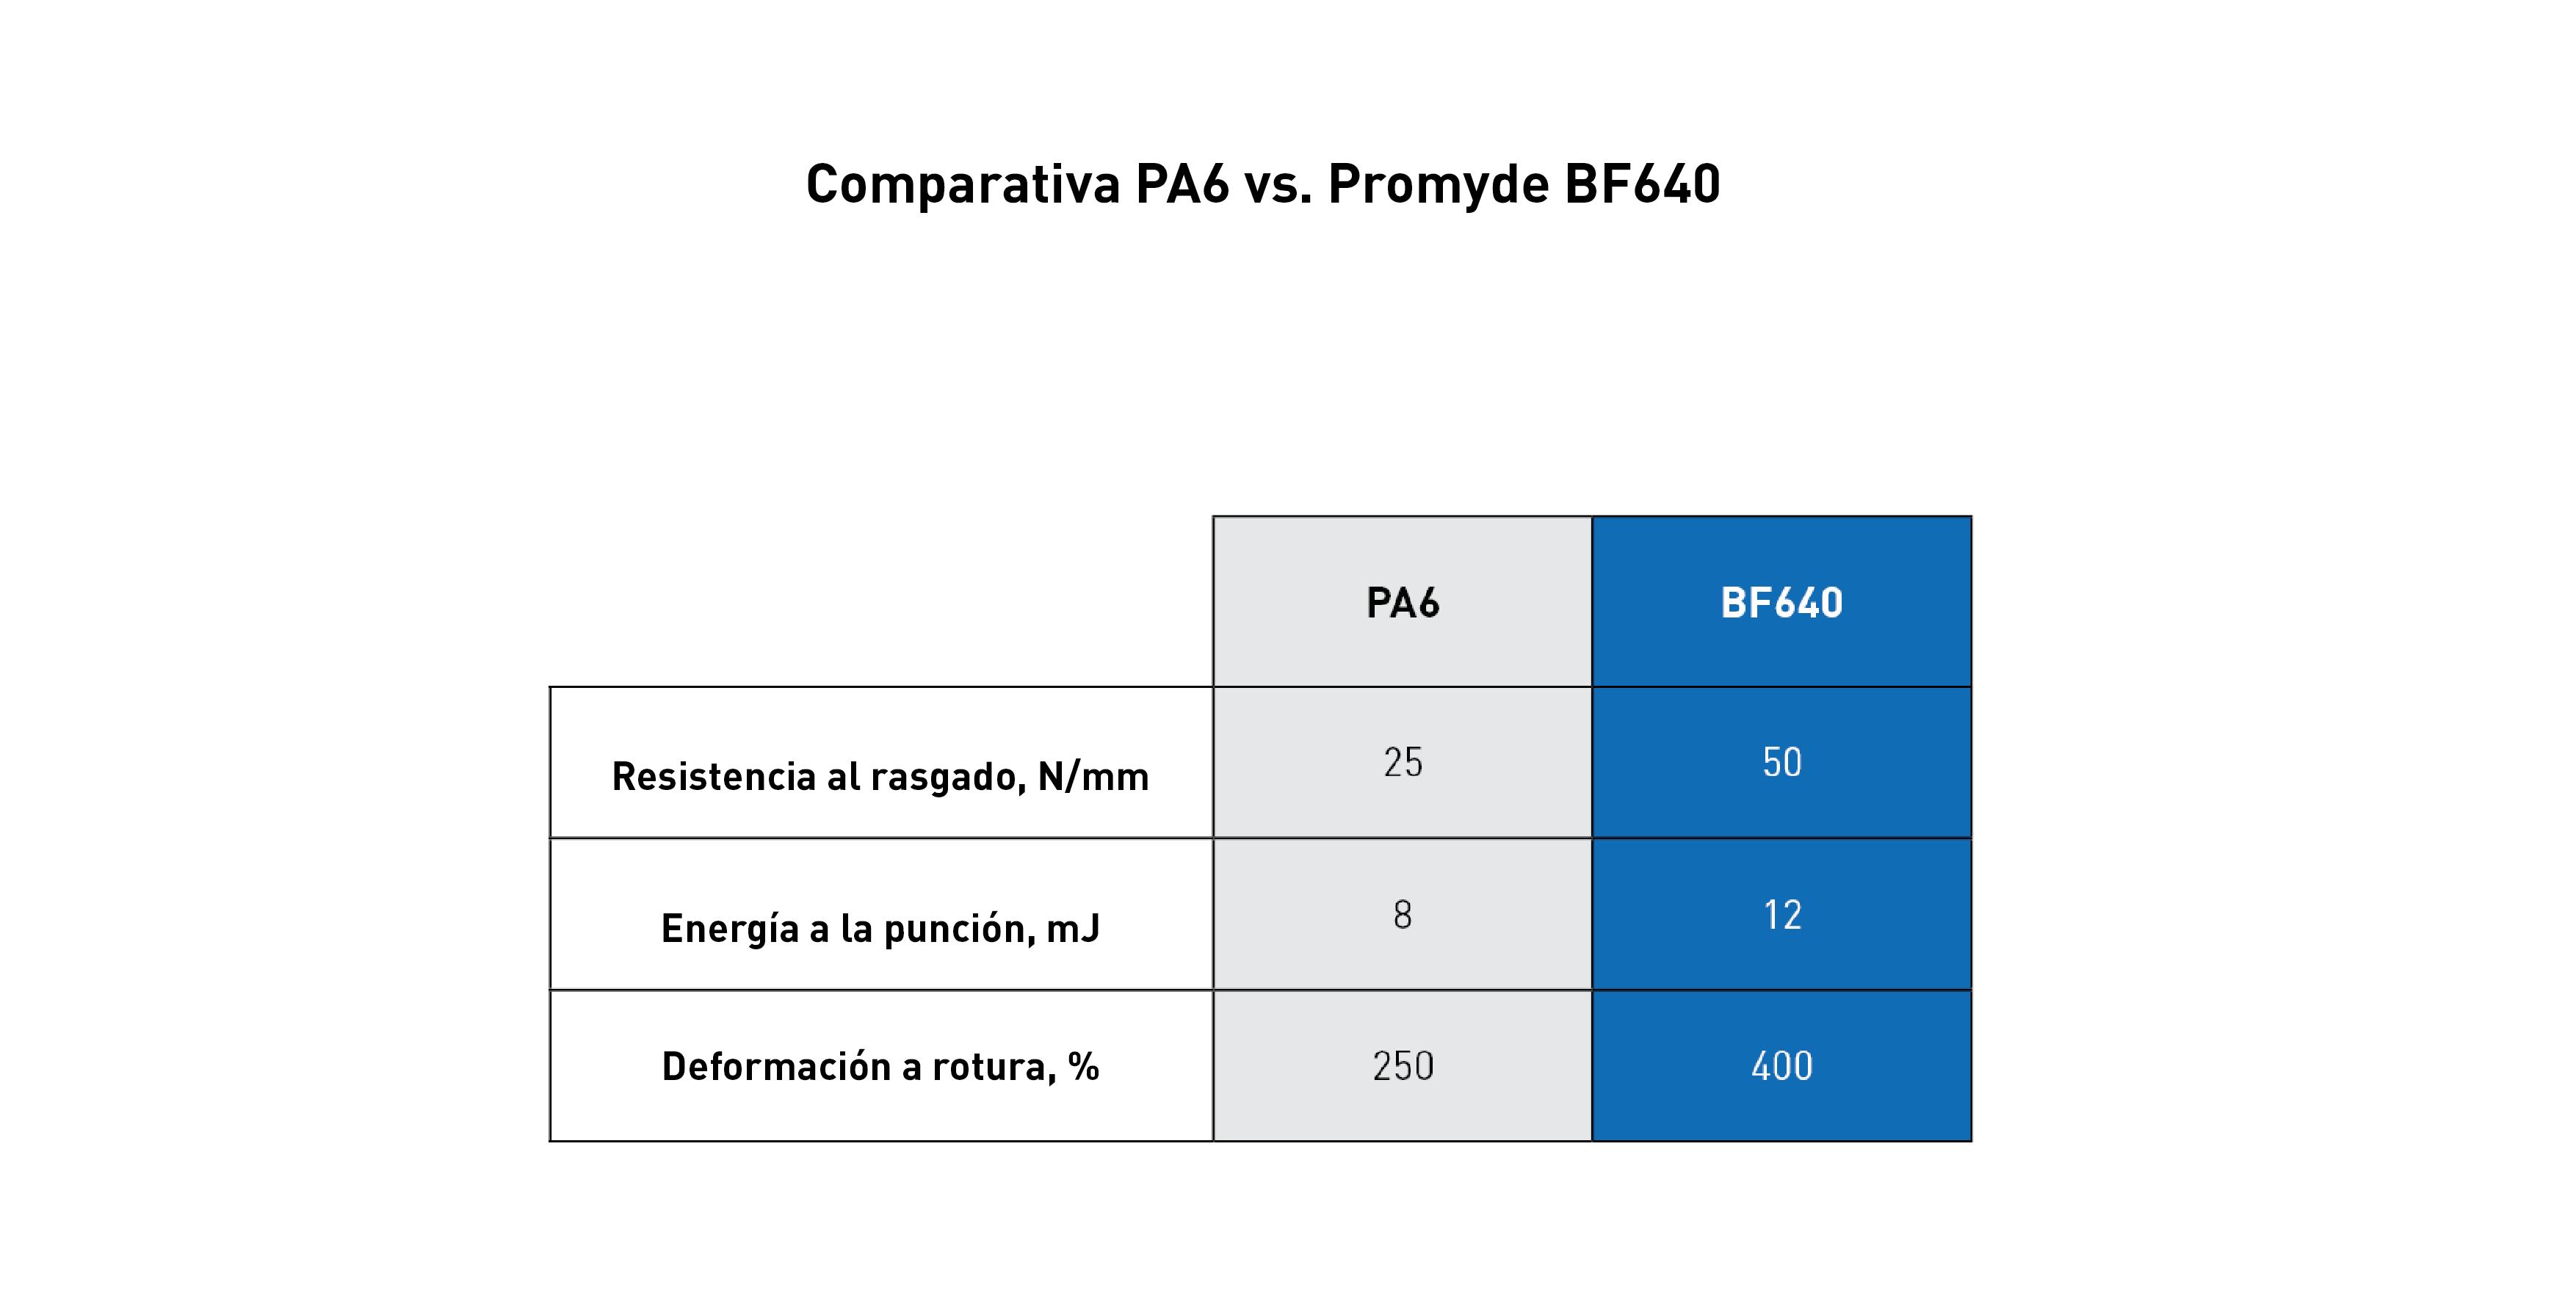 comparación PA6 vs. BF640